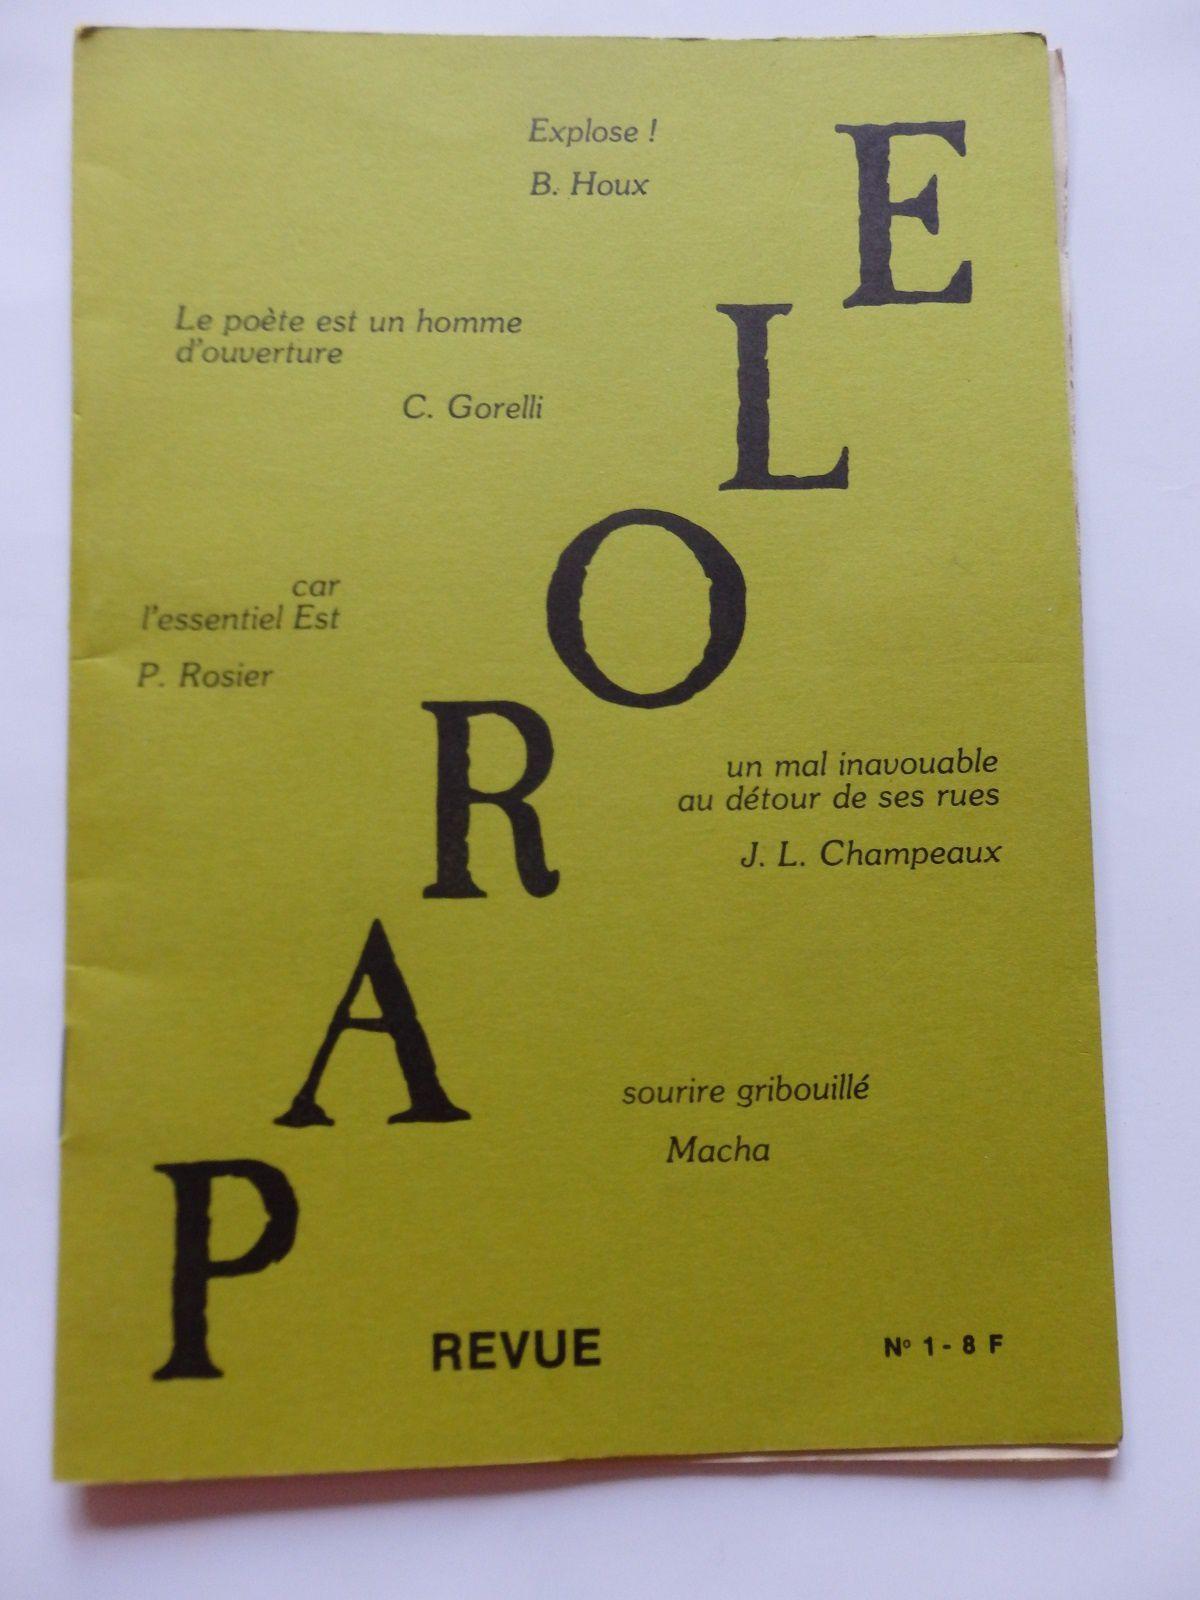 Le premier numéro de la revue Parole au Mans fondée en 1979 par Christian Gorelli, Philippe Rozier et Bruno Houx.